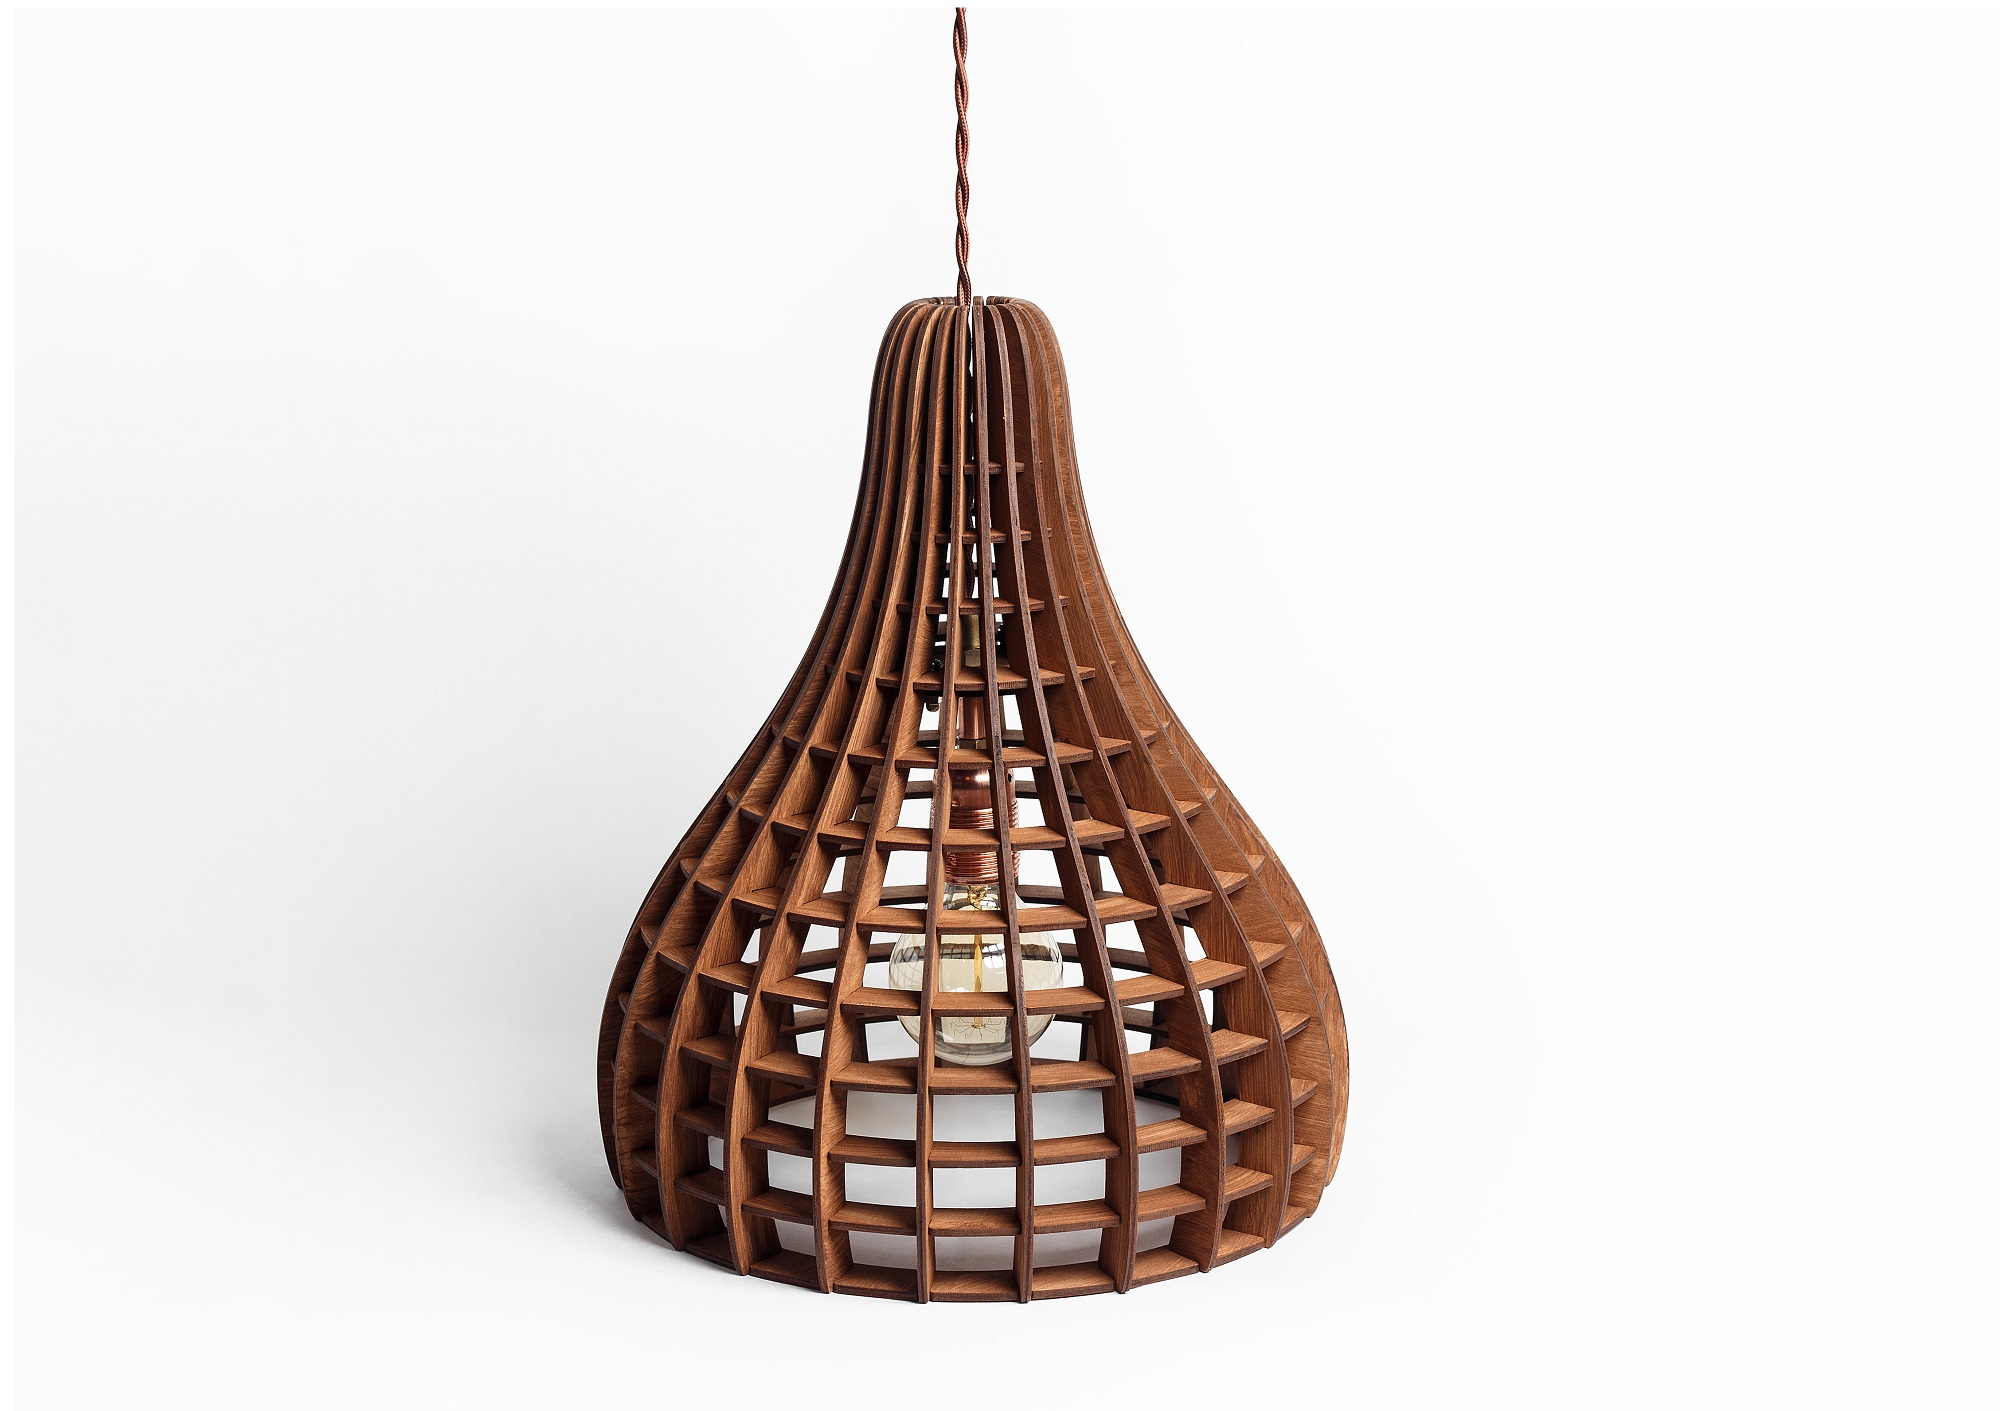 Деревянный светильник ВулканПодвесные светильники<br>Деревянная люстра в стиле Лофт. Возможно изготовление в двух цветах - натуральный ( покрытый лаком ) и темный ( мореный ) Поставляется в собранном виде.&amp;amp;nbsp;&amp;lt;div&amp;gt;&amp;lt;br&amp;gt;&amp;lt;/div&amp;gt;&amp;lt;div&amp;gt;&amp;lt;div&amp;gt;Вид цоколя: E27&amp;lt;/div&amp;gt;&amp;lt;div&amp;gt;Мощность: 60W&amp;lt;/div&amp;gt;&amp;lt;div&amp;gt;Количество ламп: 1 (нет в комплекте)&amp;lt;/div&amp;gt;&amp;lt;/div&amp;gt;<br><br>Material: Дерево<br>Length см: None<br>Width см: None<br>Height см: 40<br>Diameter см: 34